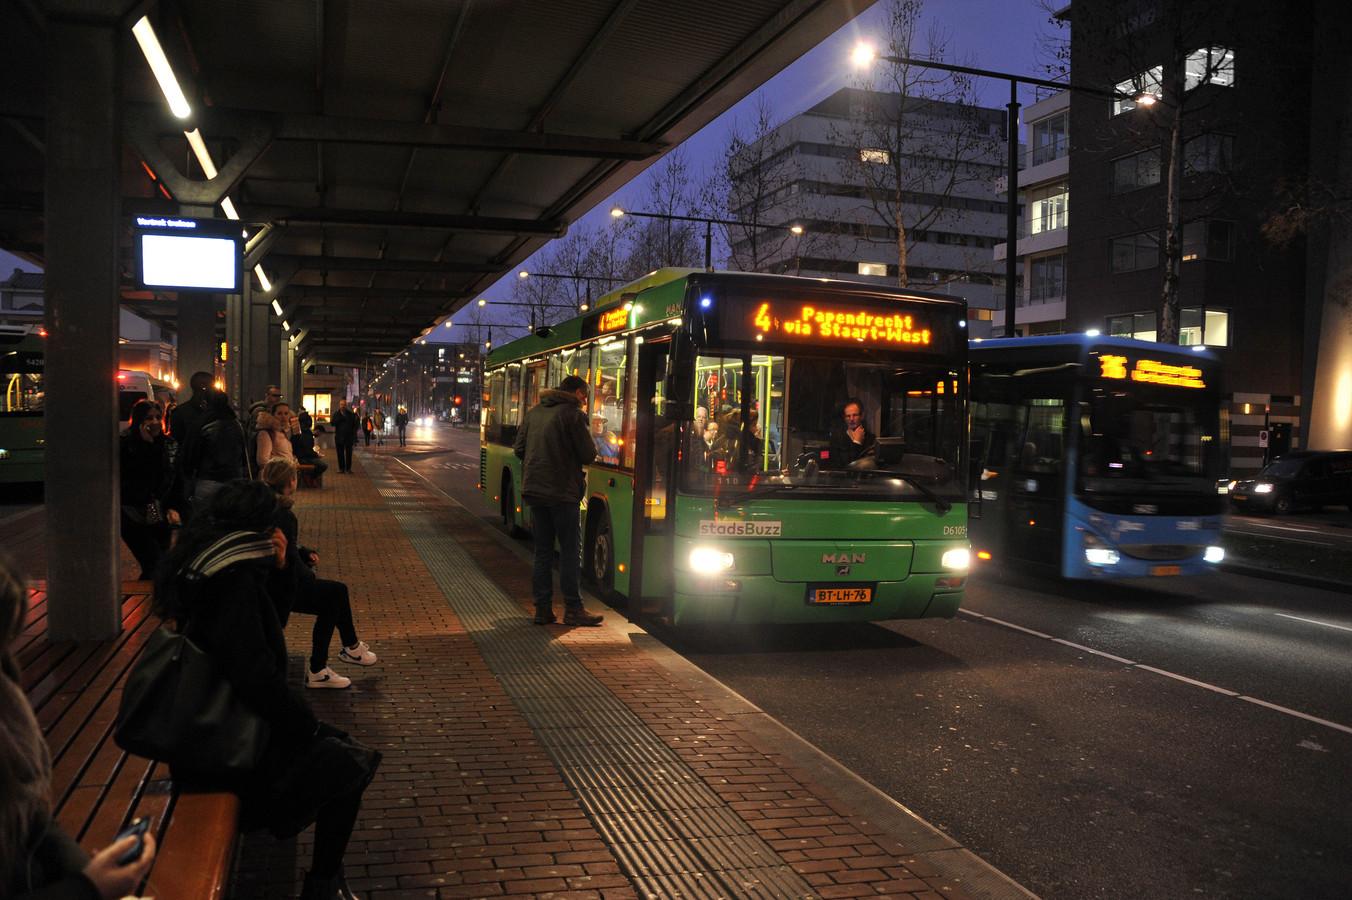 Stads- en streekbus van Qbuzz in Dordrecht